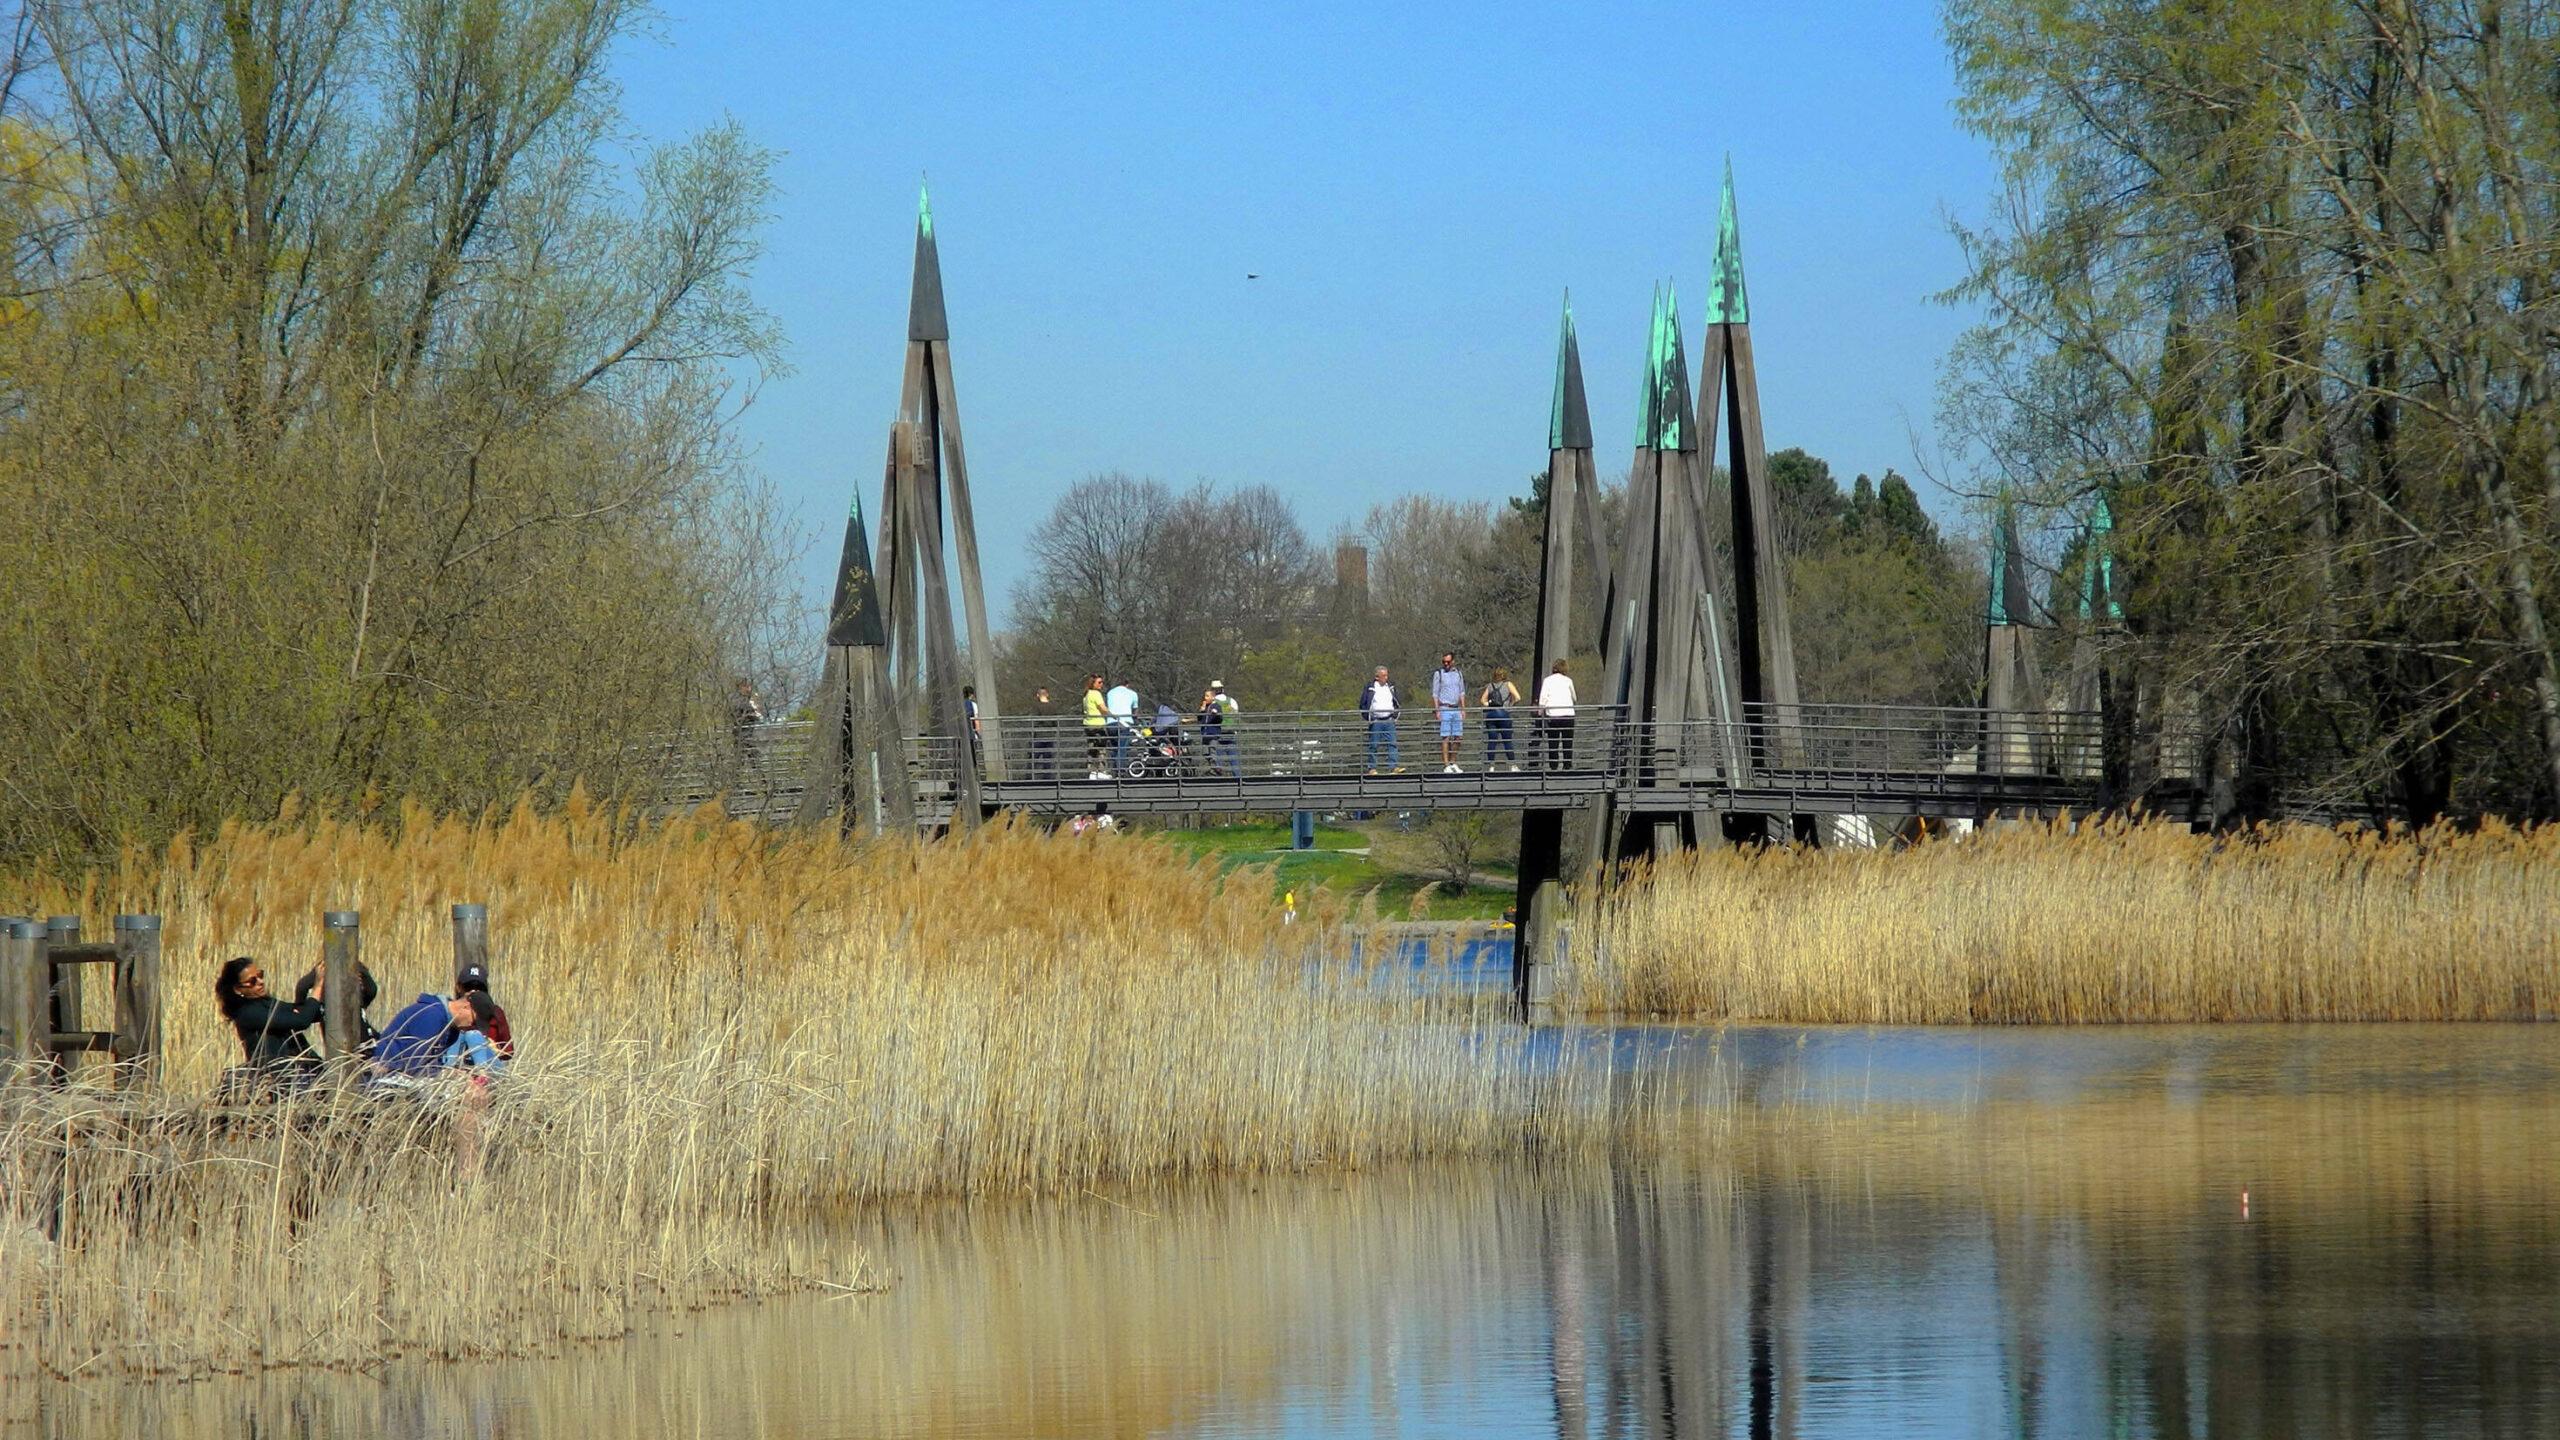 Britzer Garten bittet Besucher um Ideen für Weiterentwicklung